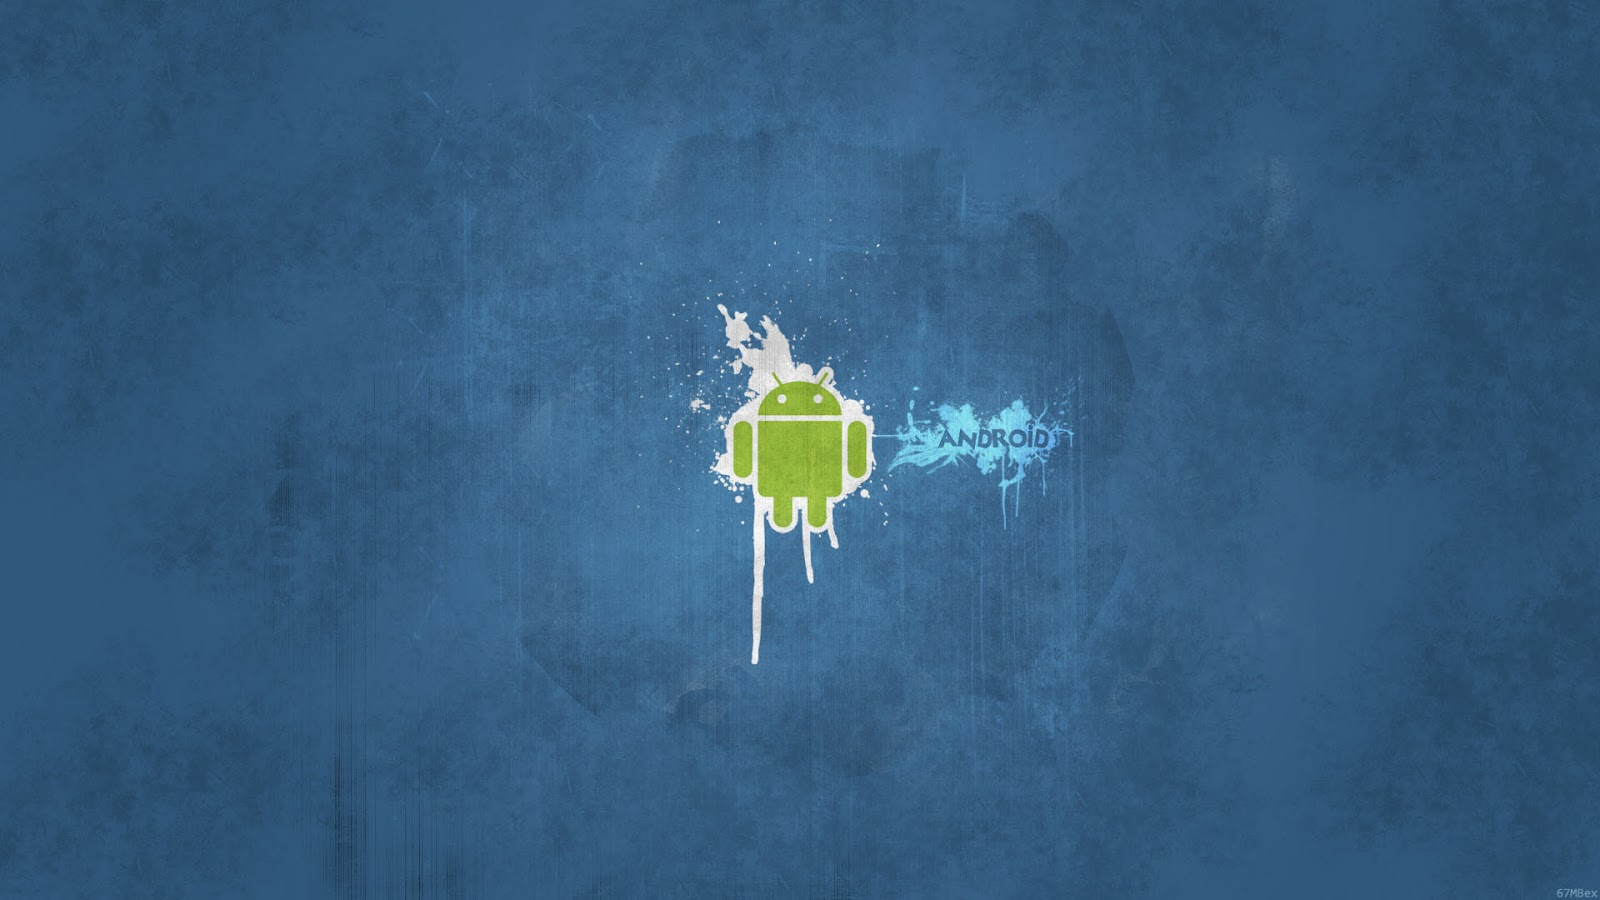 http://1.bp.blogspot.com/-_-L89wKvPhU/UGQ268eSFnI/AAAAAAAAAZk/Jiq_q9IuWL8/s1600/android_wallpaper_by_67mbex-d311onb.jpg